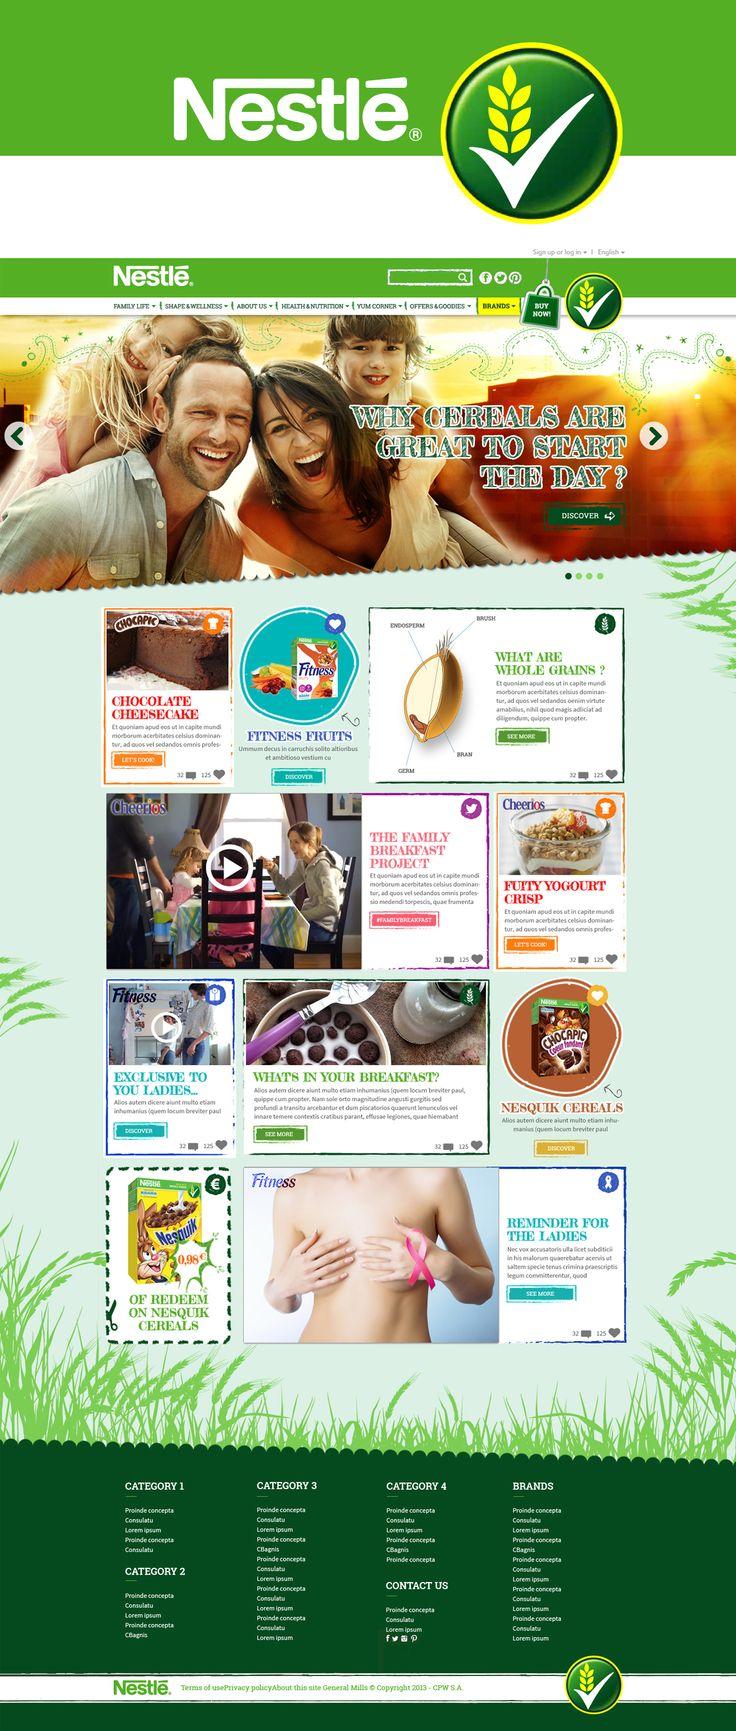 NESTLE  Health and Nutrition  Création du site corporate mais pour le grand public. Rassurer le consommateur sur les produits Nestlé Céréale au niveau nutritif et santé Client : Nestlé Agence : MACCANN